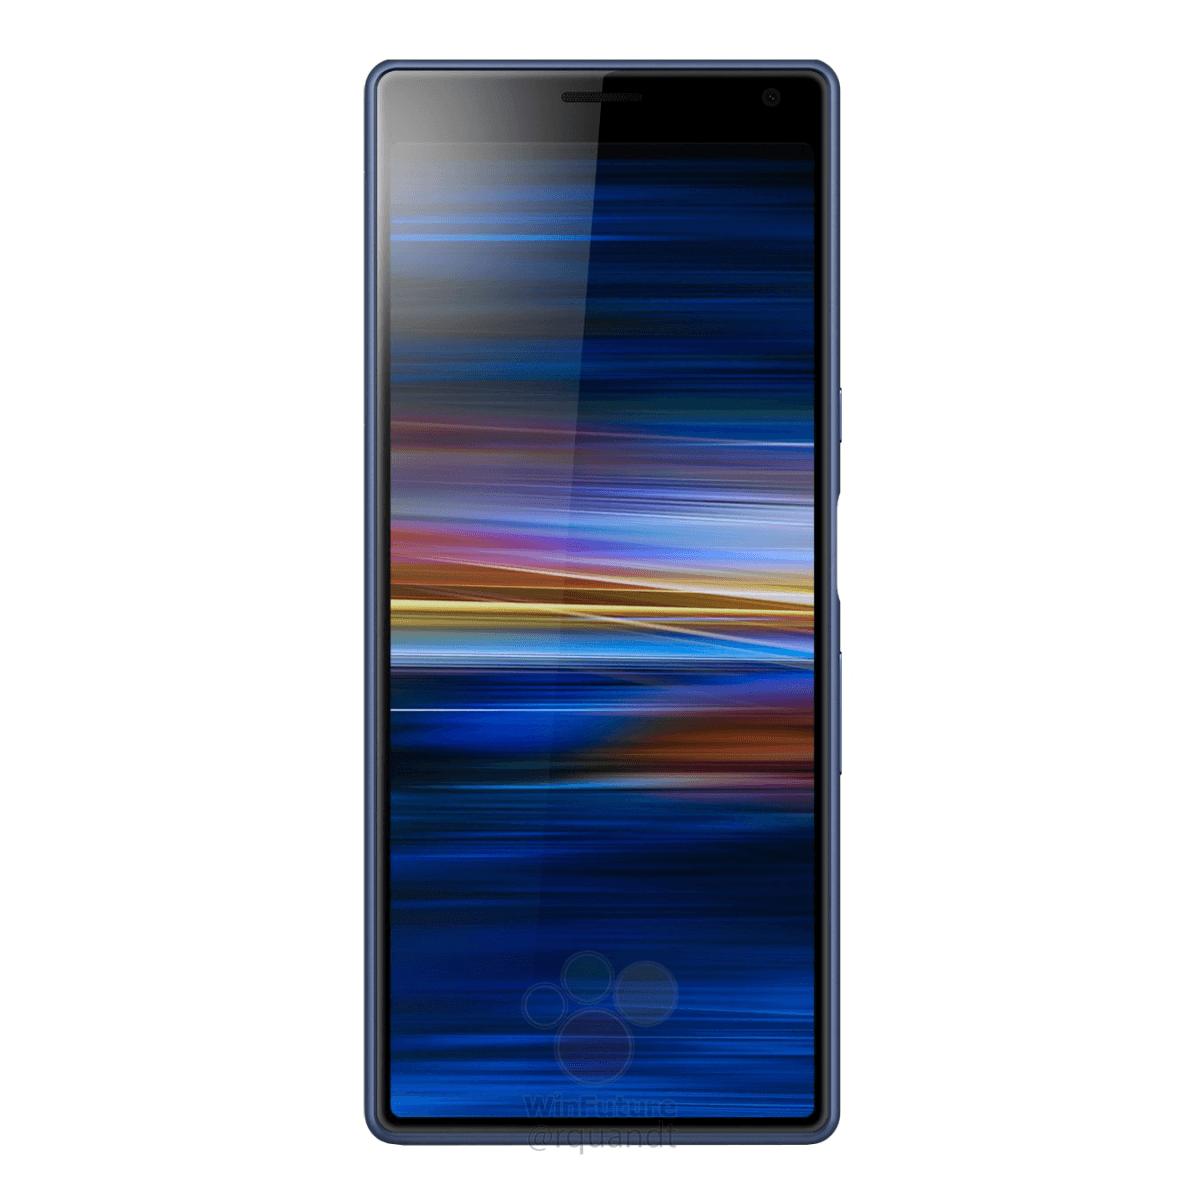 Xperia-XA3-press-render-blue